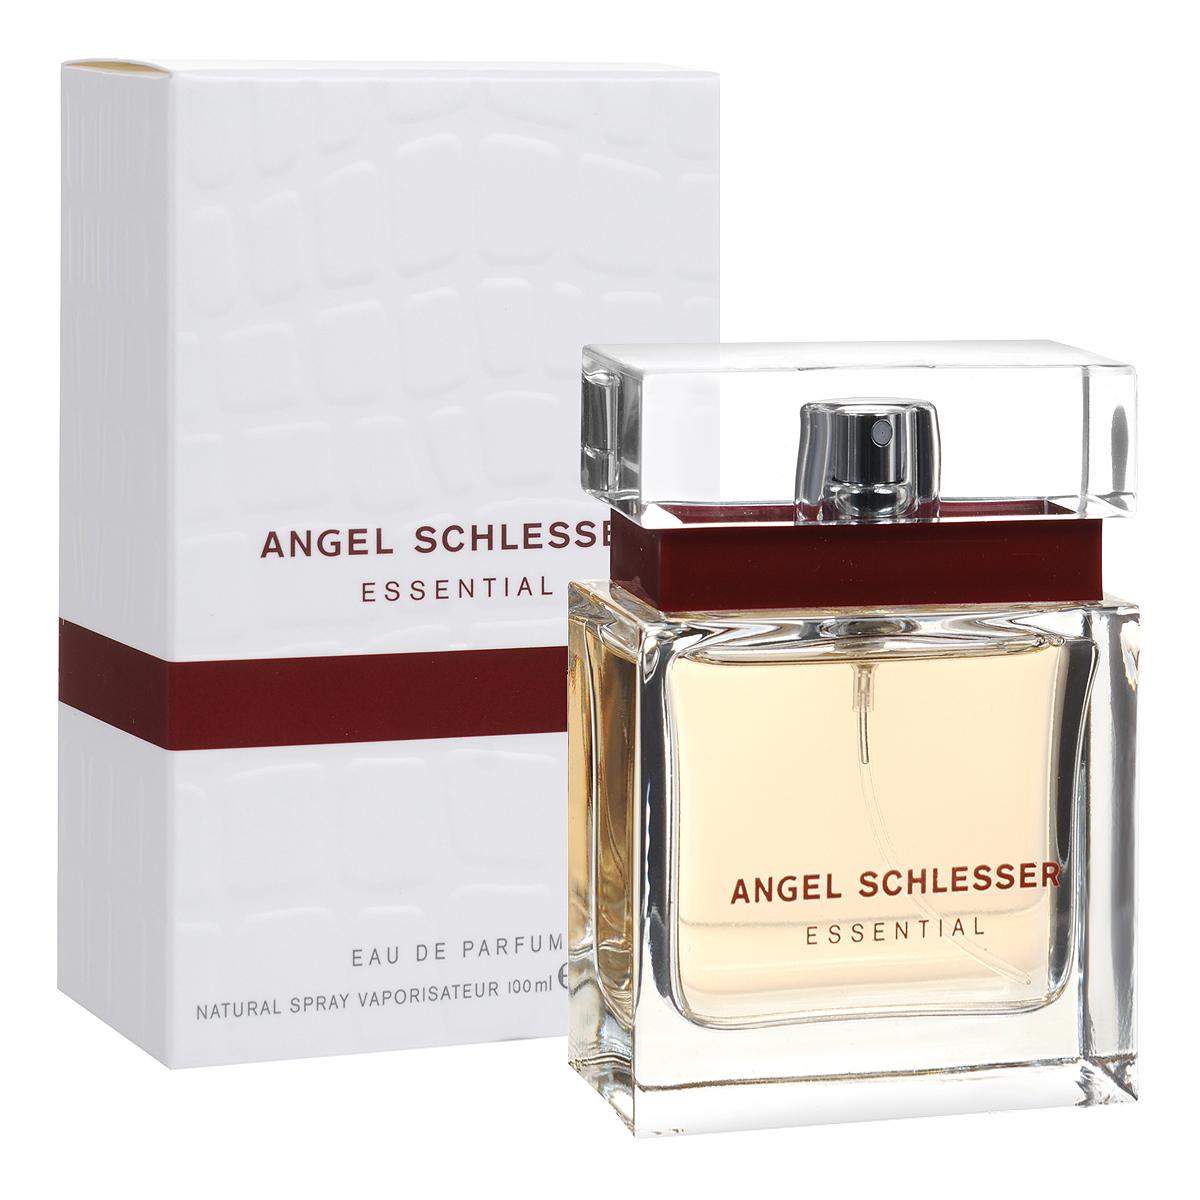 Angel Schlesser Парфюмерная вода Essential, женская, 100 мл25732Женский аромат Angel Schlesser Essential создан для современной, уверенной в себе женщины, которая следит за новыми тенденциями в мире моды и парфюмерии. Он посвящен элегантной, соблазнительной и неповторимой женщине. Она обладает яркой маняще-откровенной красотой, но в то же время скрывает в себе неразрешимую притягательную тайну. Эта тайна делает ее особенной, непохожей на других, наполняя сосуд ее красоты бесконечным и драгоценным содержанием.Классификация аромата: цветочно-фруктовый. Пирамида аромата: Верхние ноты: бергамот, красная смородина, свежесть фруктов. Ноты сердца: болгарская роза, пион, фрезия, фиалка.. Ноты шлейфа:мускус, ветивер, сандал. Ключевые слова нежный, свежий!Самый популярный вид парфюмерной продукции на сегодняшний день - парфюмерная вода. Это объясняется оптимальным балансом цены и качества - с одной стороны, достаточно высокая концентрация экстракта (10-20% при 90% спирте), с другой - более доступная, по сравнению с духами, цена. У многих фирм парфюмерная вода - самый высокий по концентрации экстракта вид товара, т.к. далеко не все производители считают нужным (или возможным) выпускать свои ароматы в виде духов. Как правило, парфюмерная вода всегда в спрее-пульверизаторе, что удобно для использования и транспортировки. Так что если духи по какой-либо причине приобрести нельзя, парфюмерная вода, безусловно, - самая лучшая им замена. Товар сертифицирован.